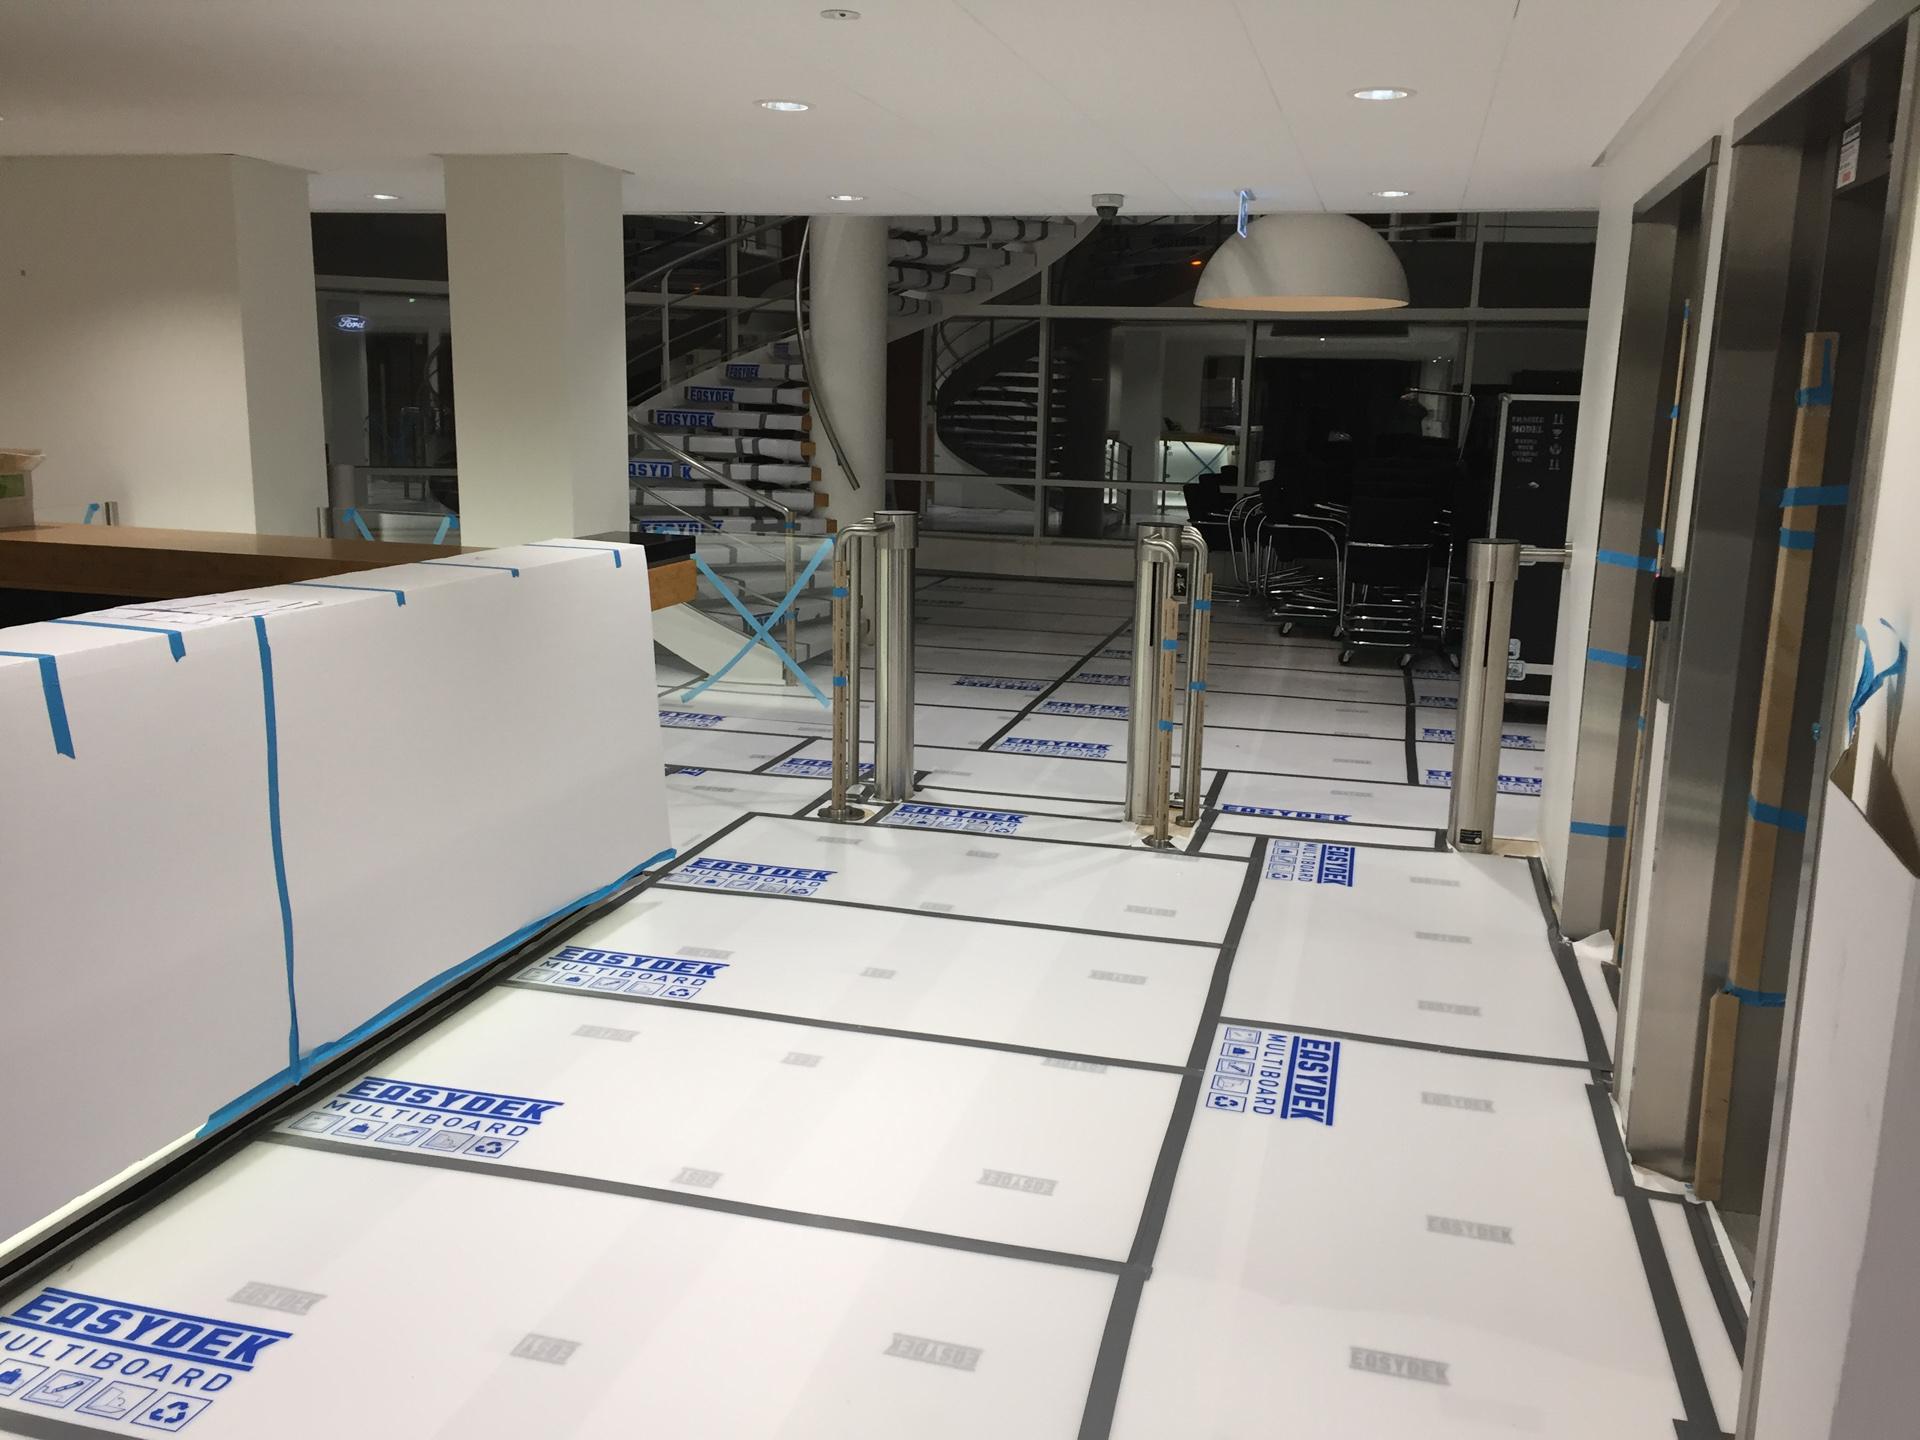 Sicher abgedeckte Bodenflächen mit MULTI BOARD Kunststoffplatten